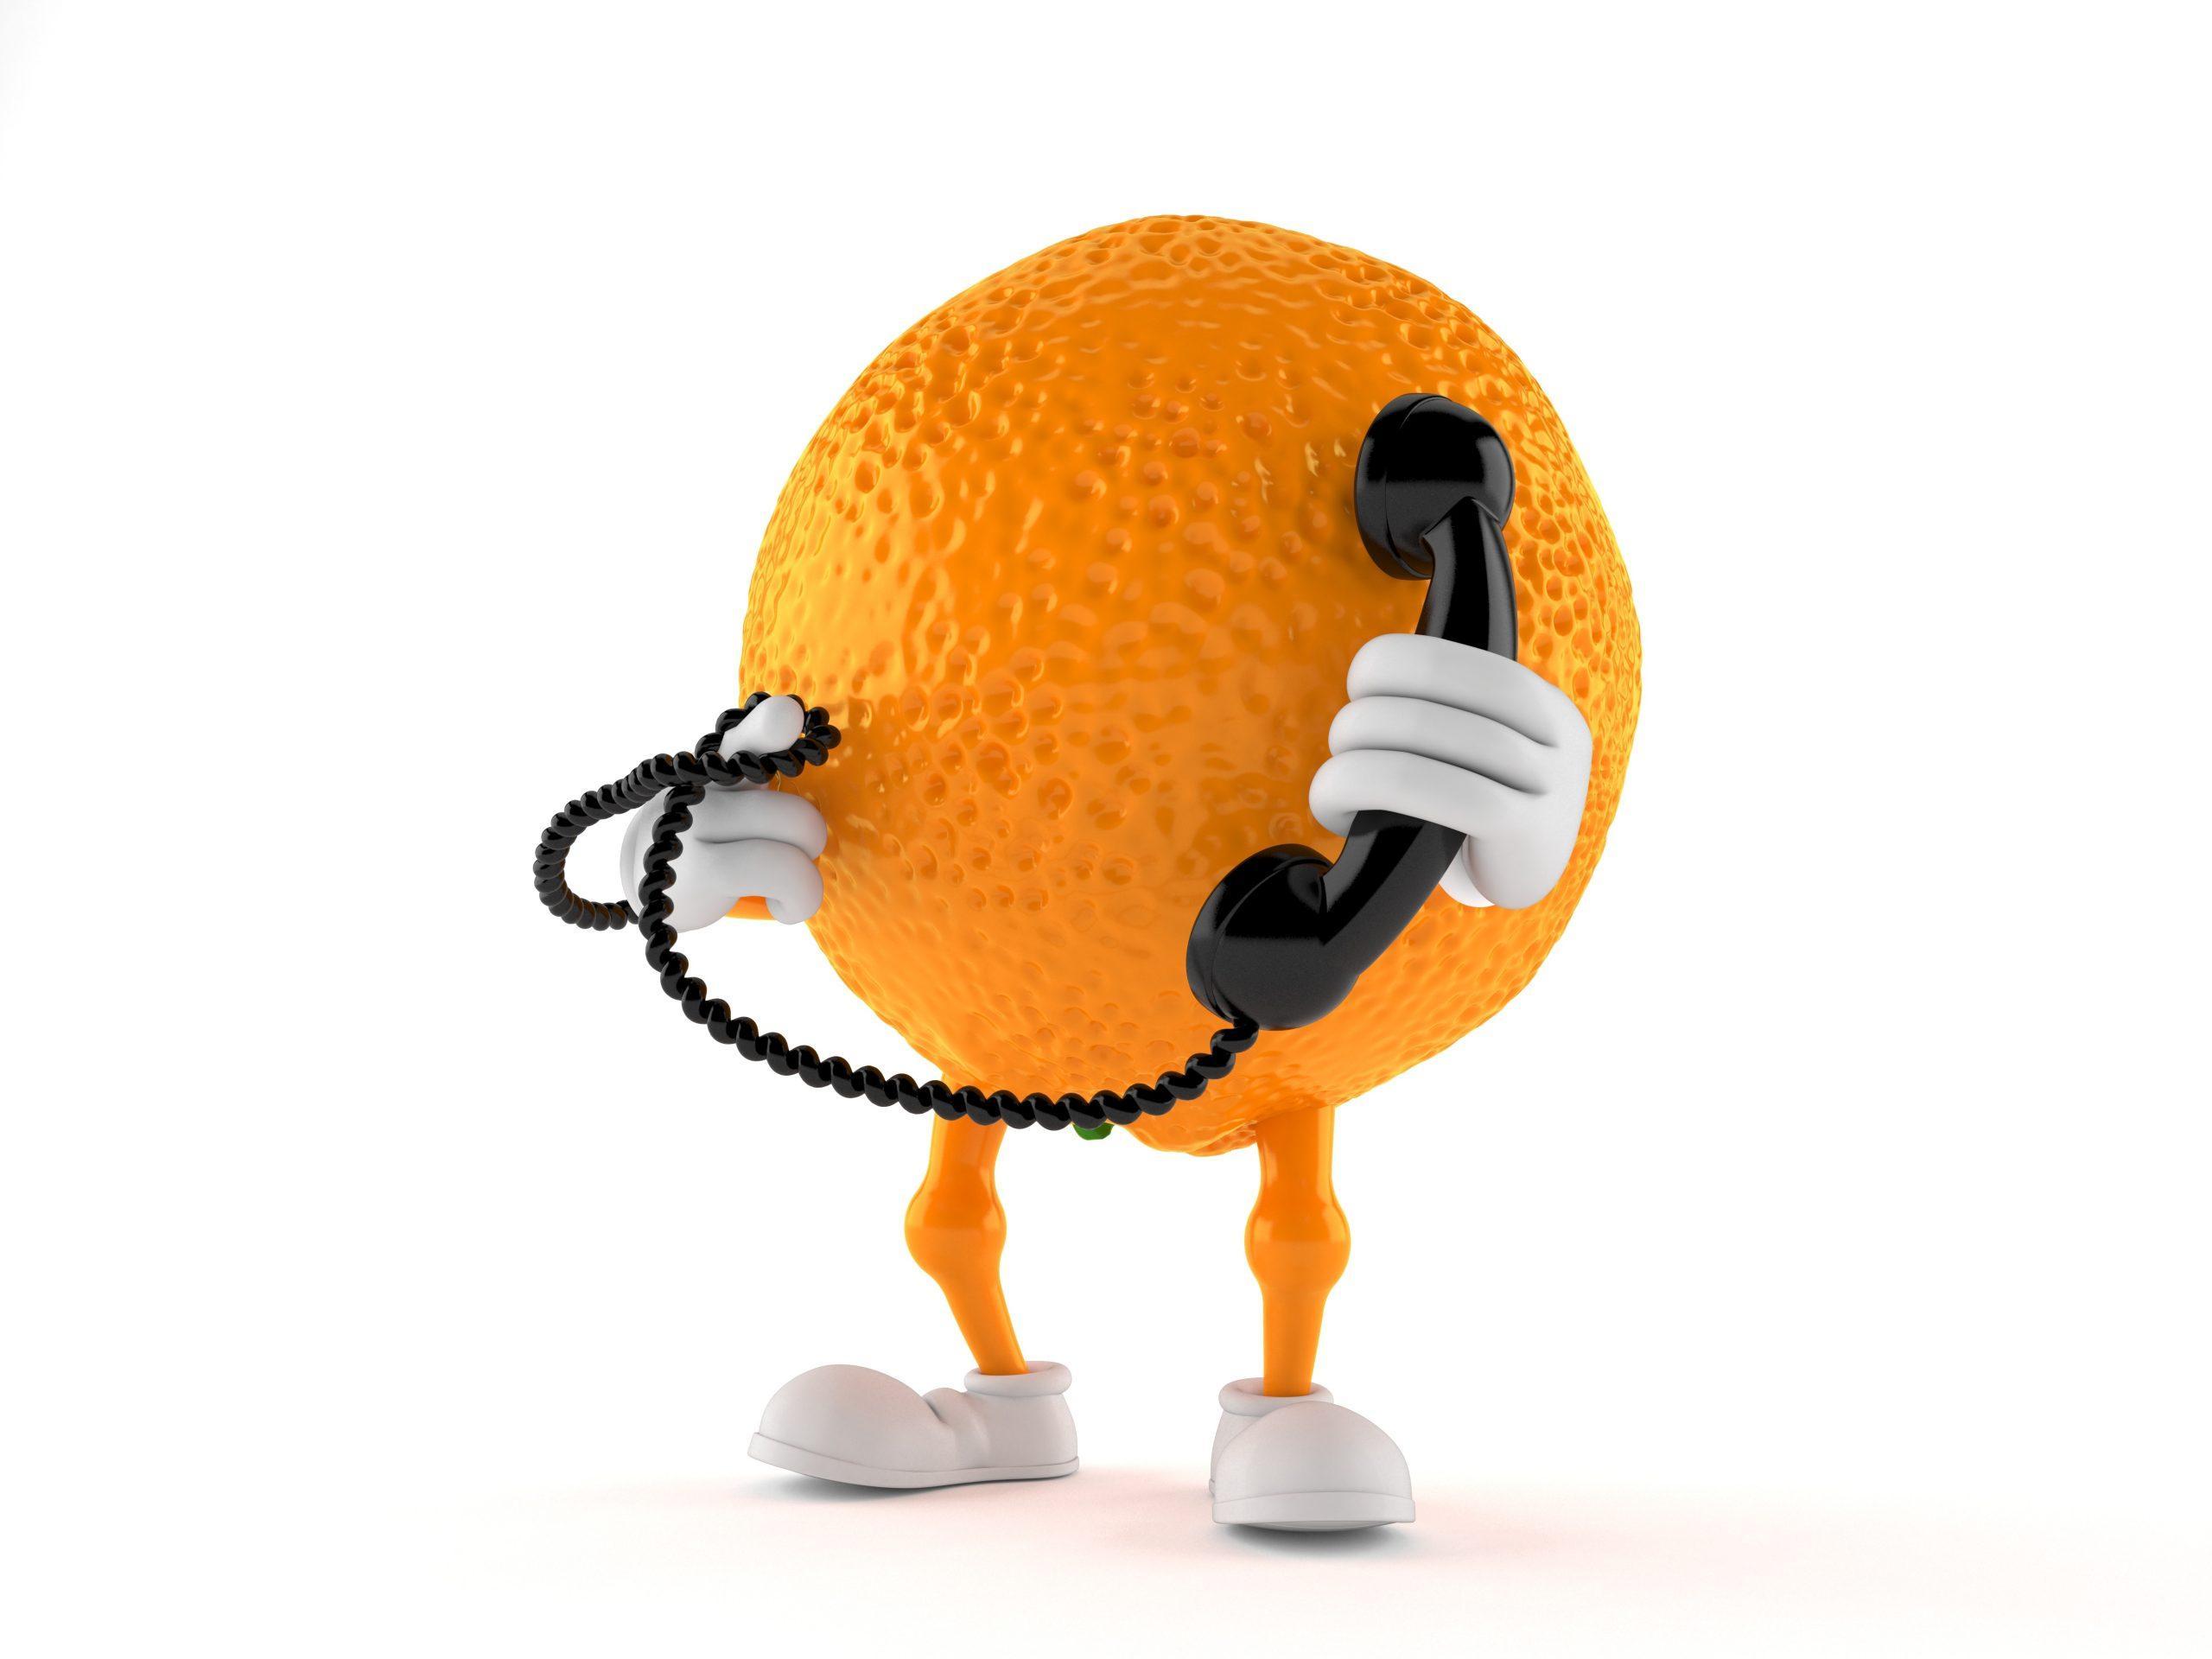 Orange character holding a telephone handset isolated on white background